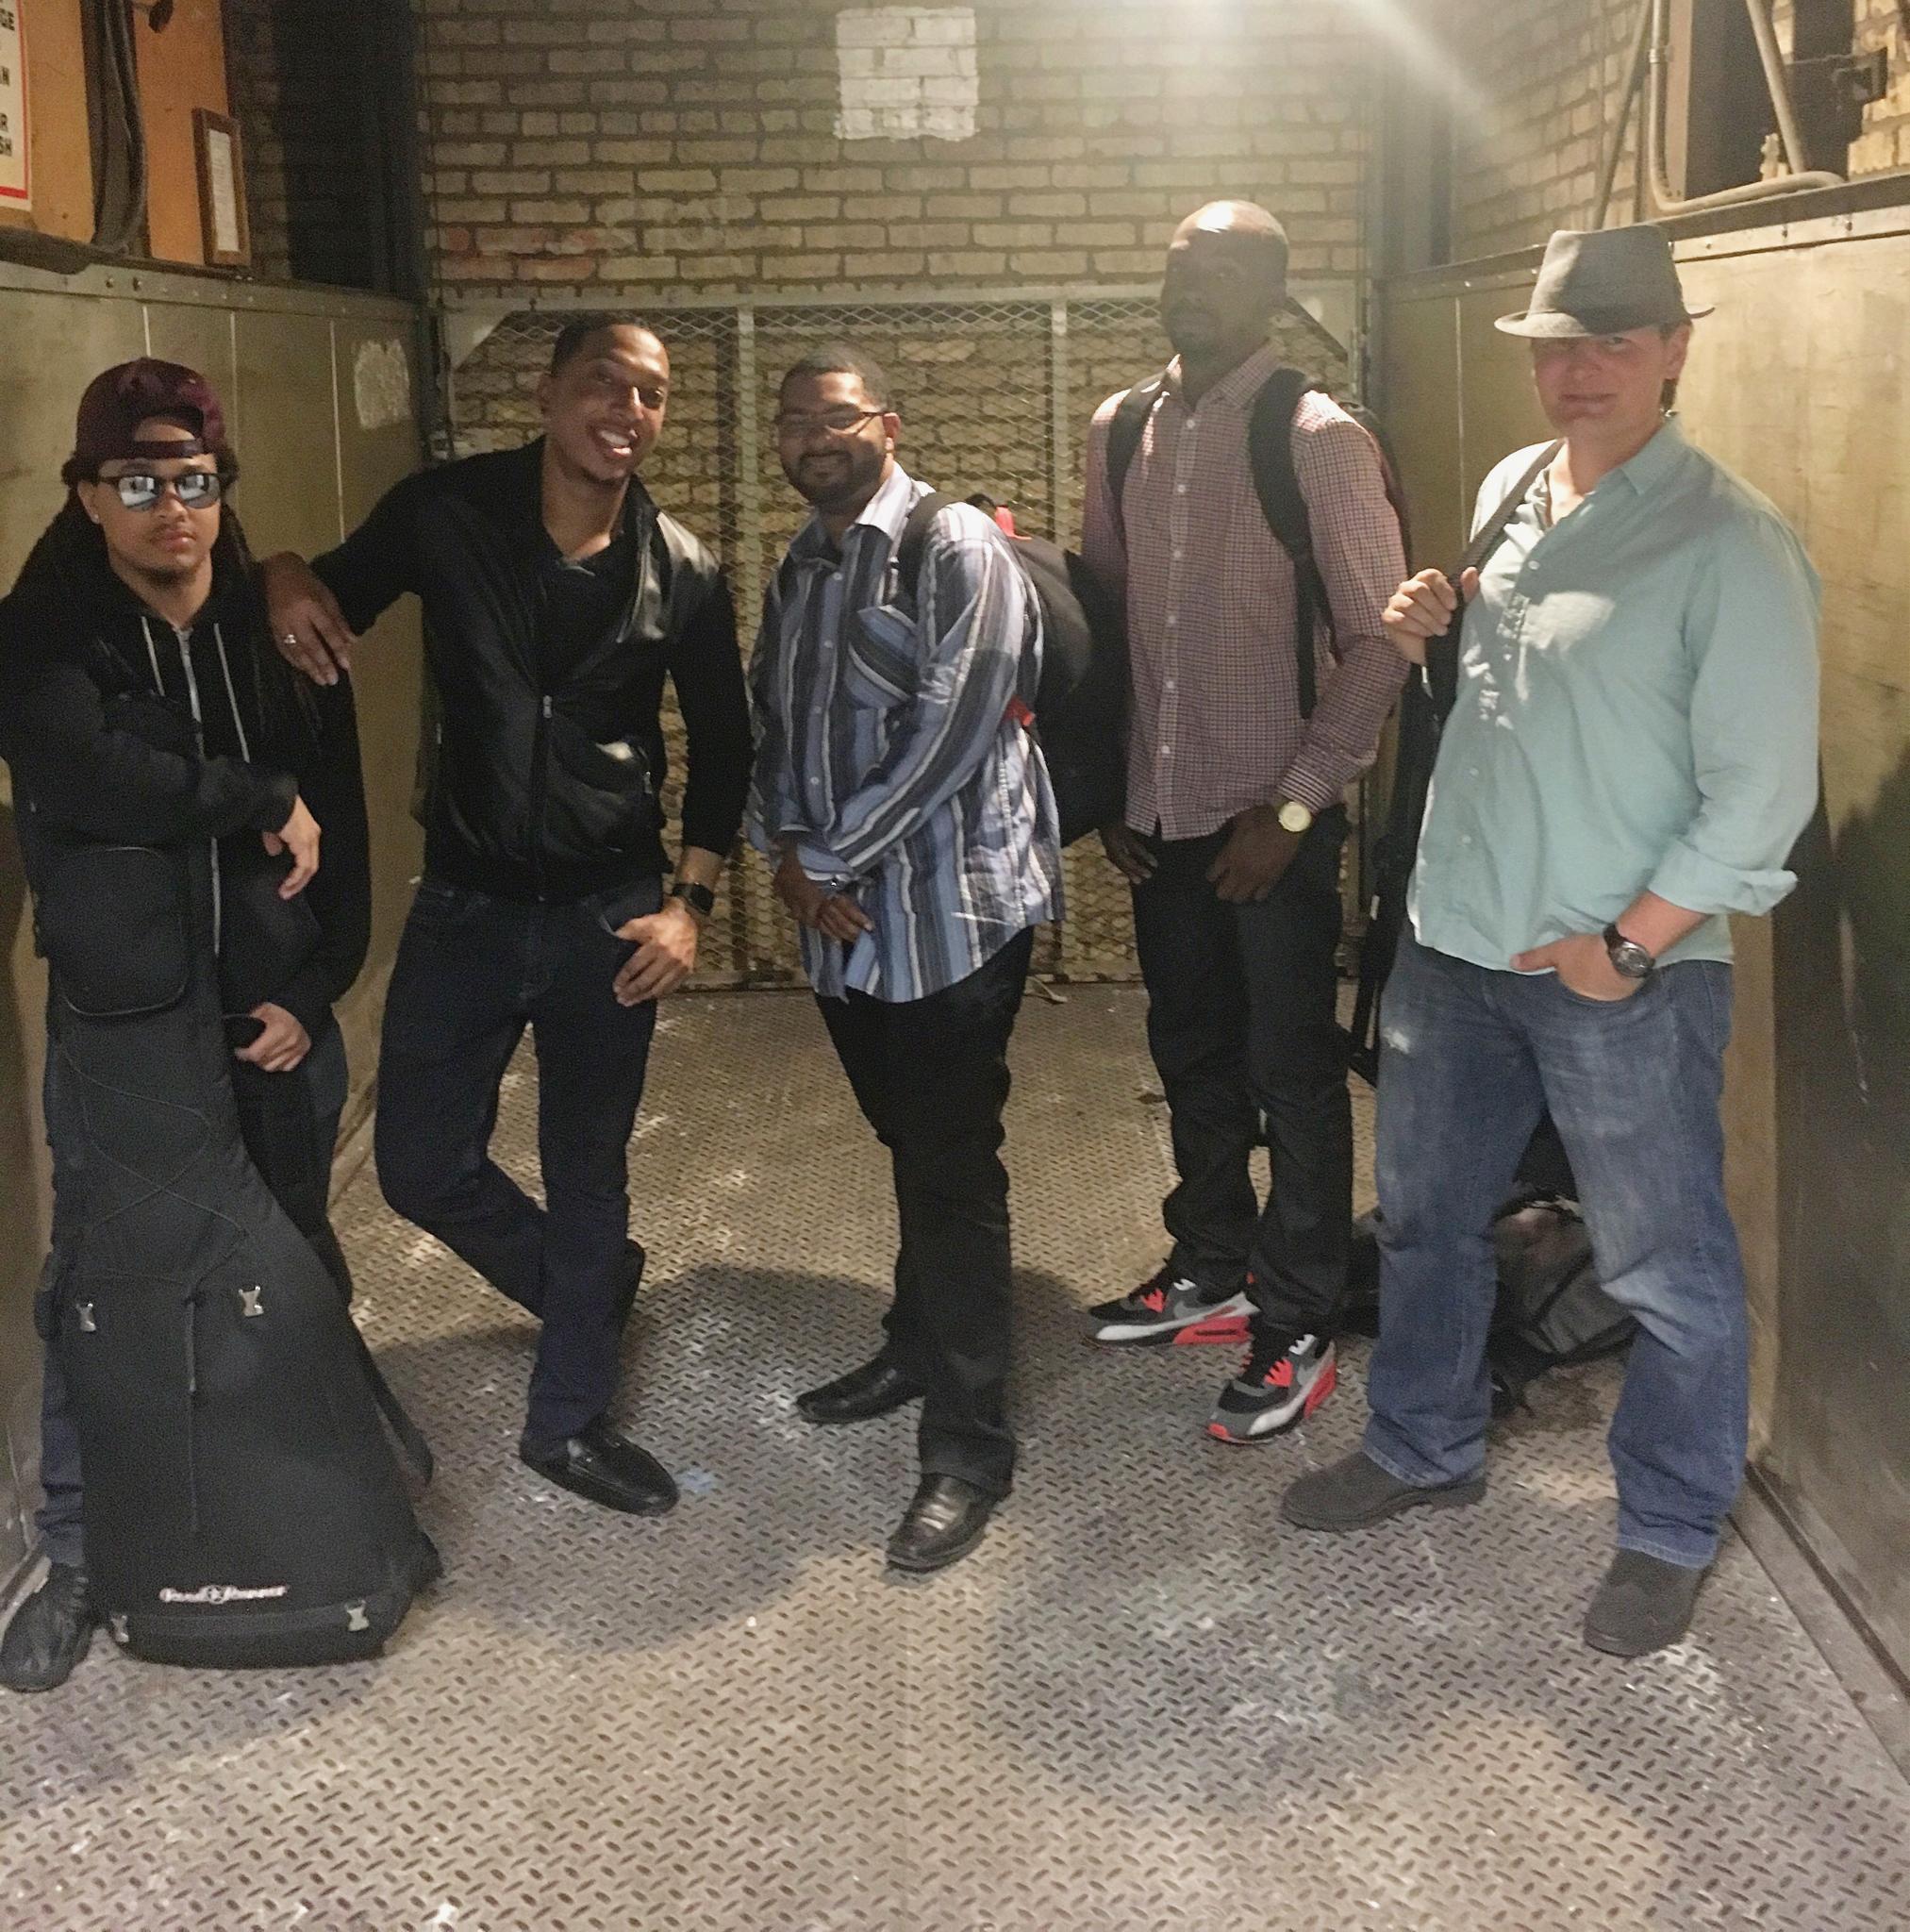 Brandon James and his band